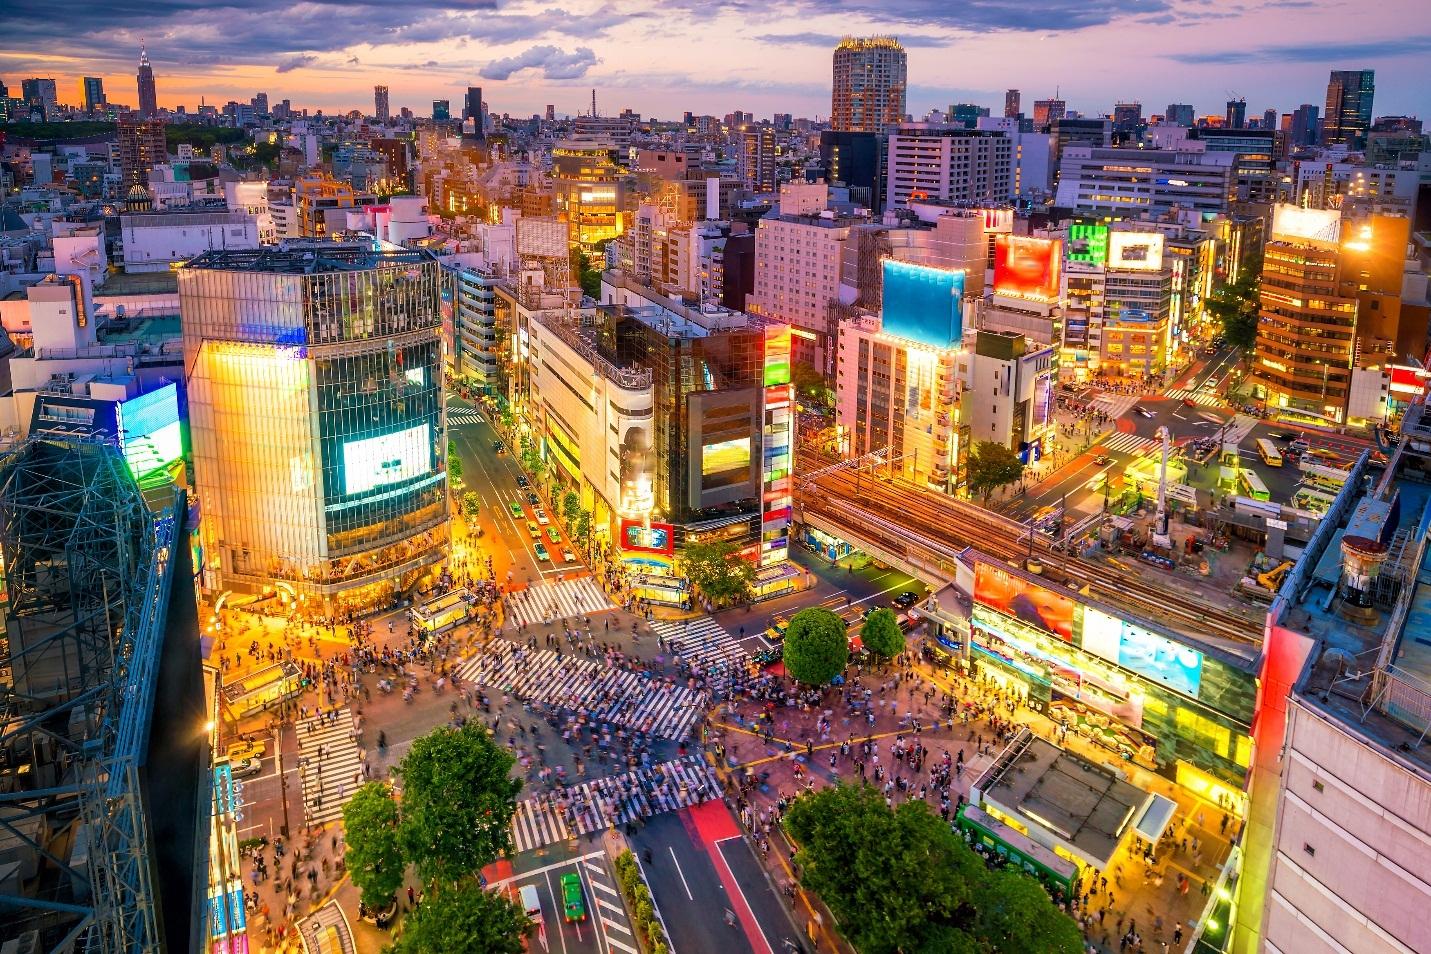 Vì sao phố đêm là phần không thể thiếu của những đô thị phát triển? - 1